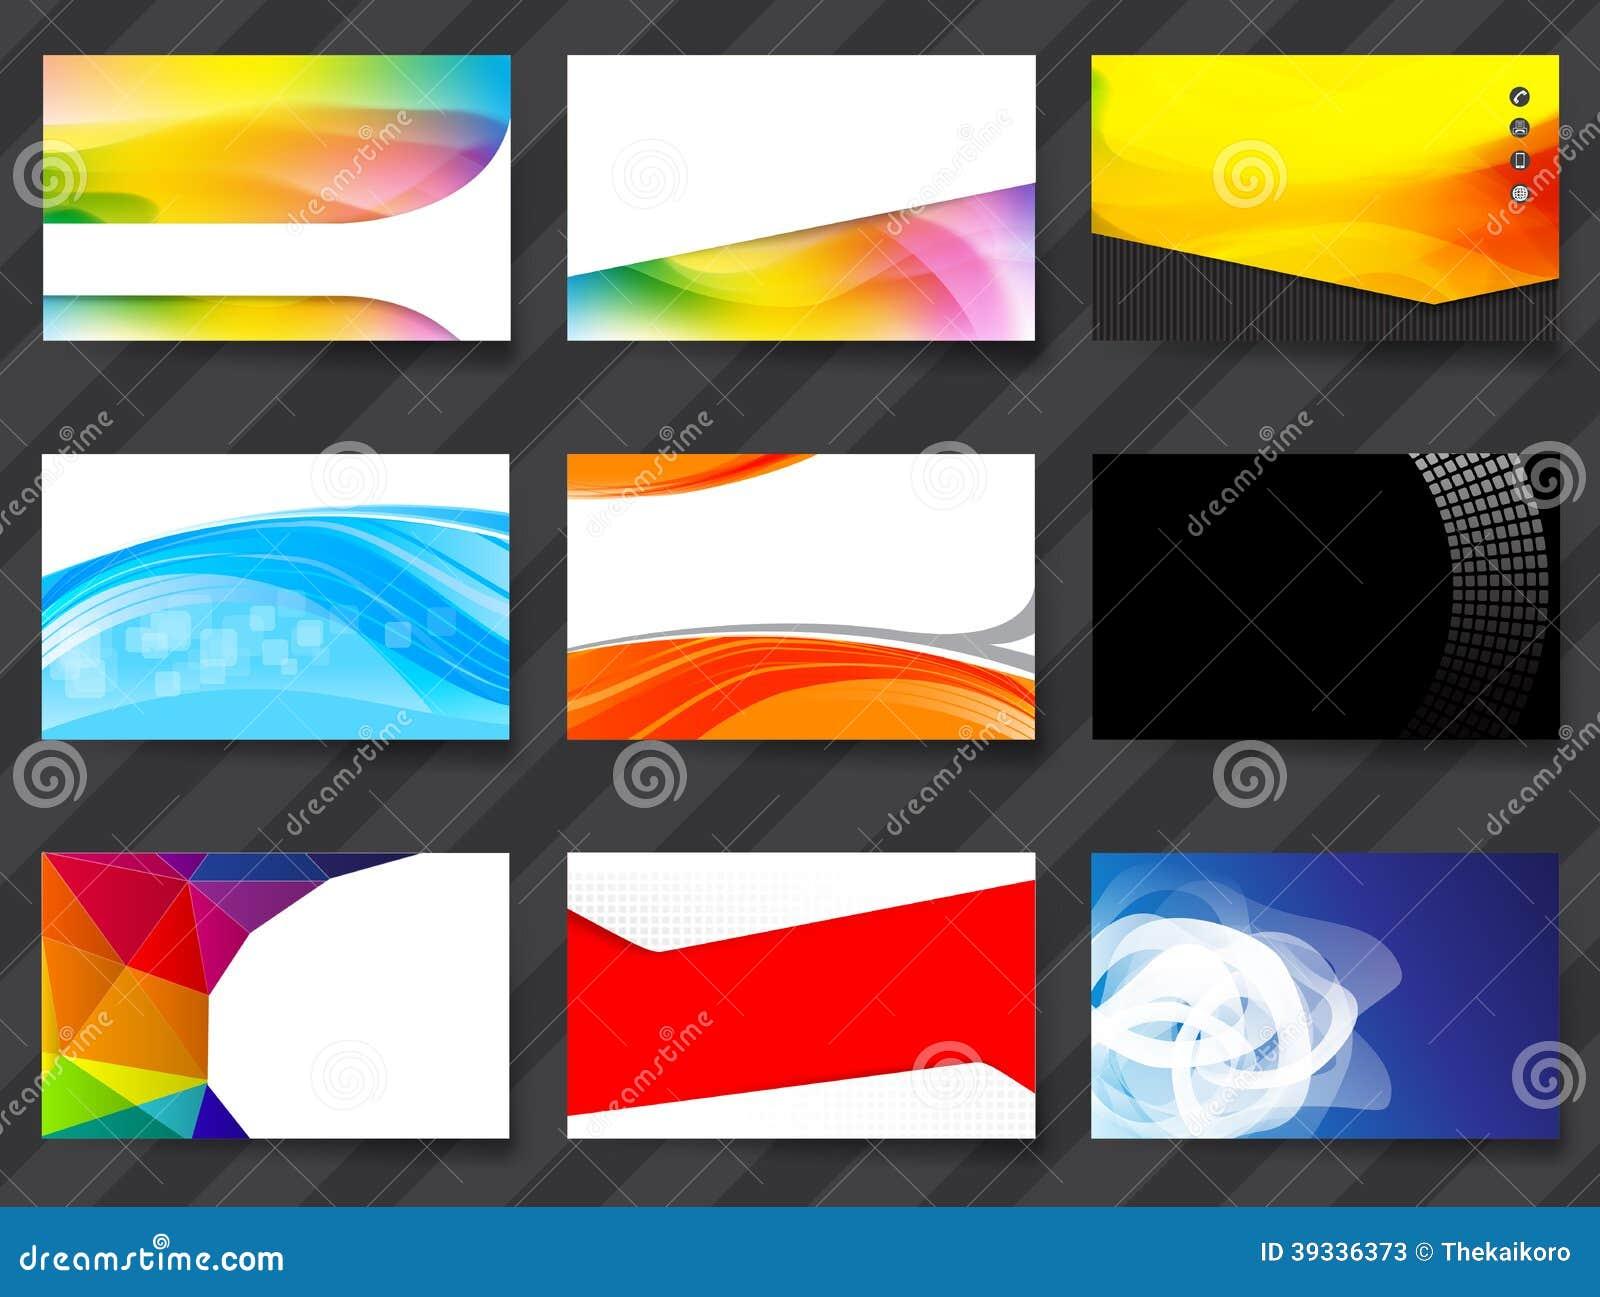 colorful namecard template 02 stock illustration image 39336373. Black Bedroom Furniture Sets. Home Design Ideas